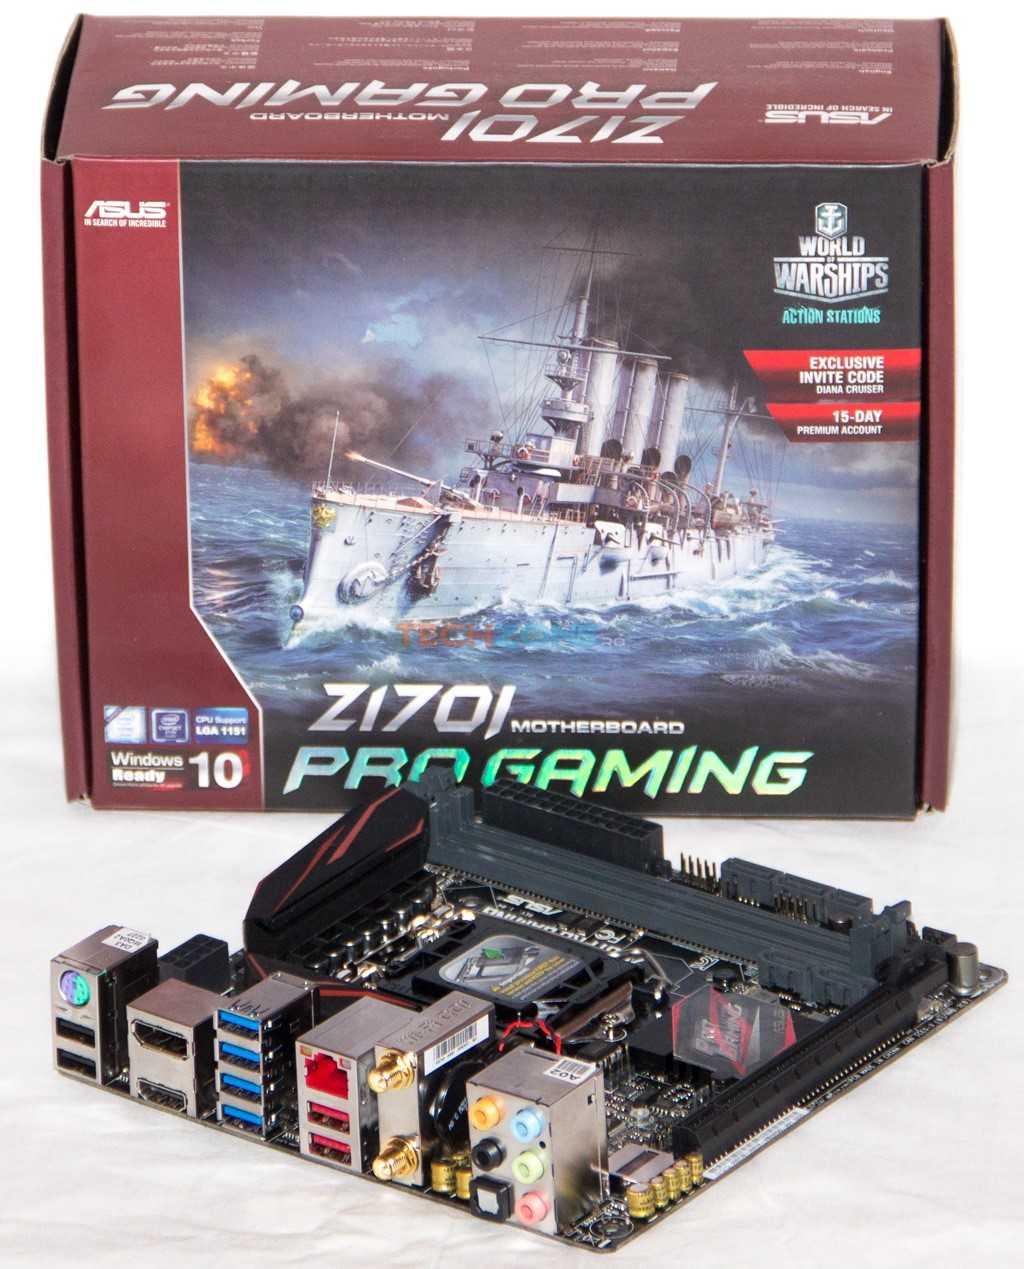 Asus Z170i Pro Gaming set